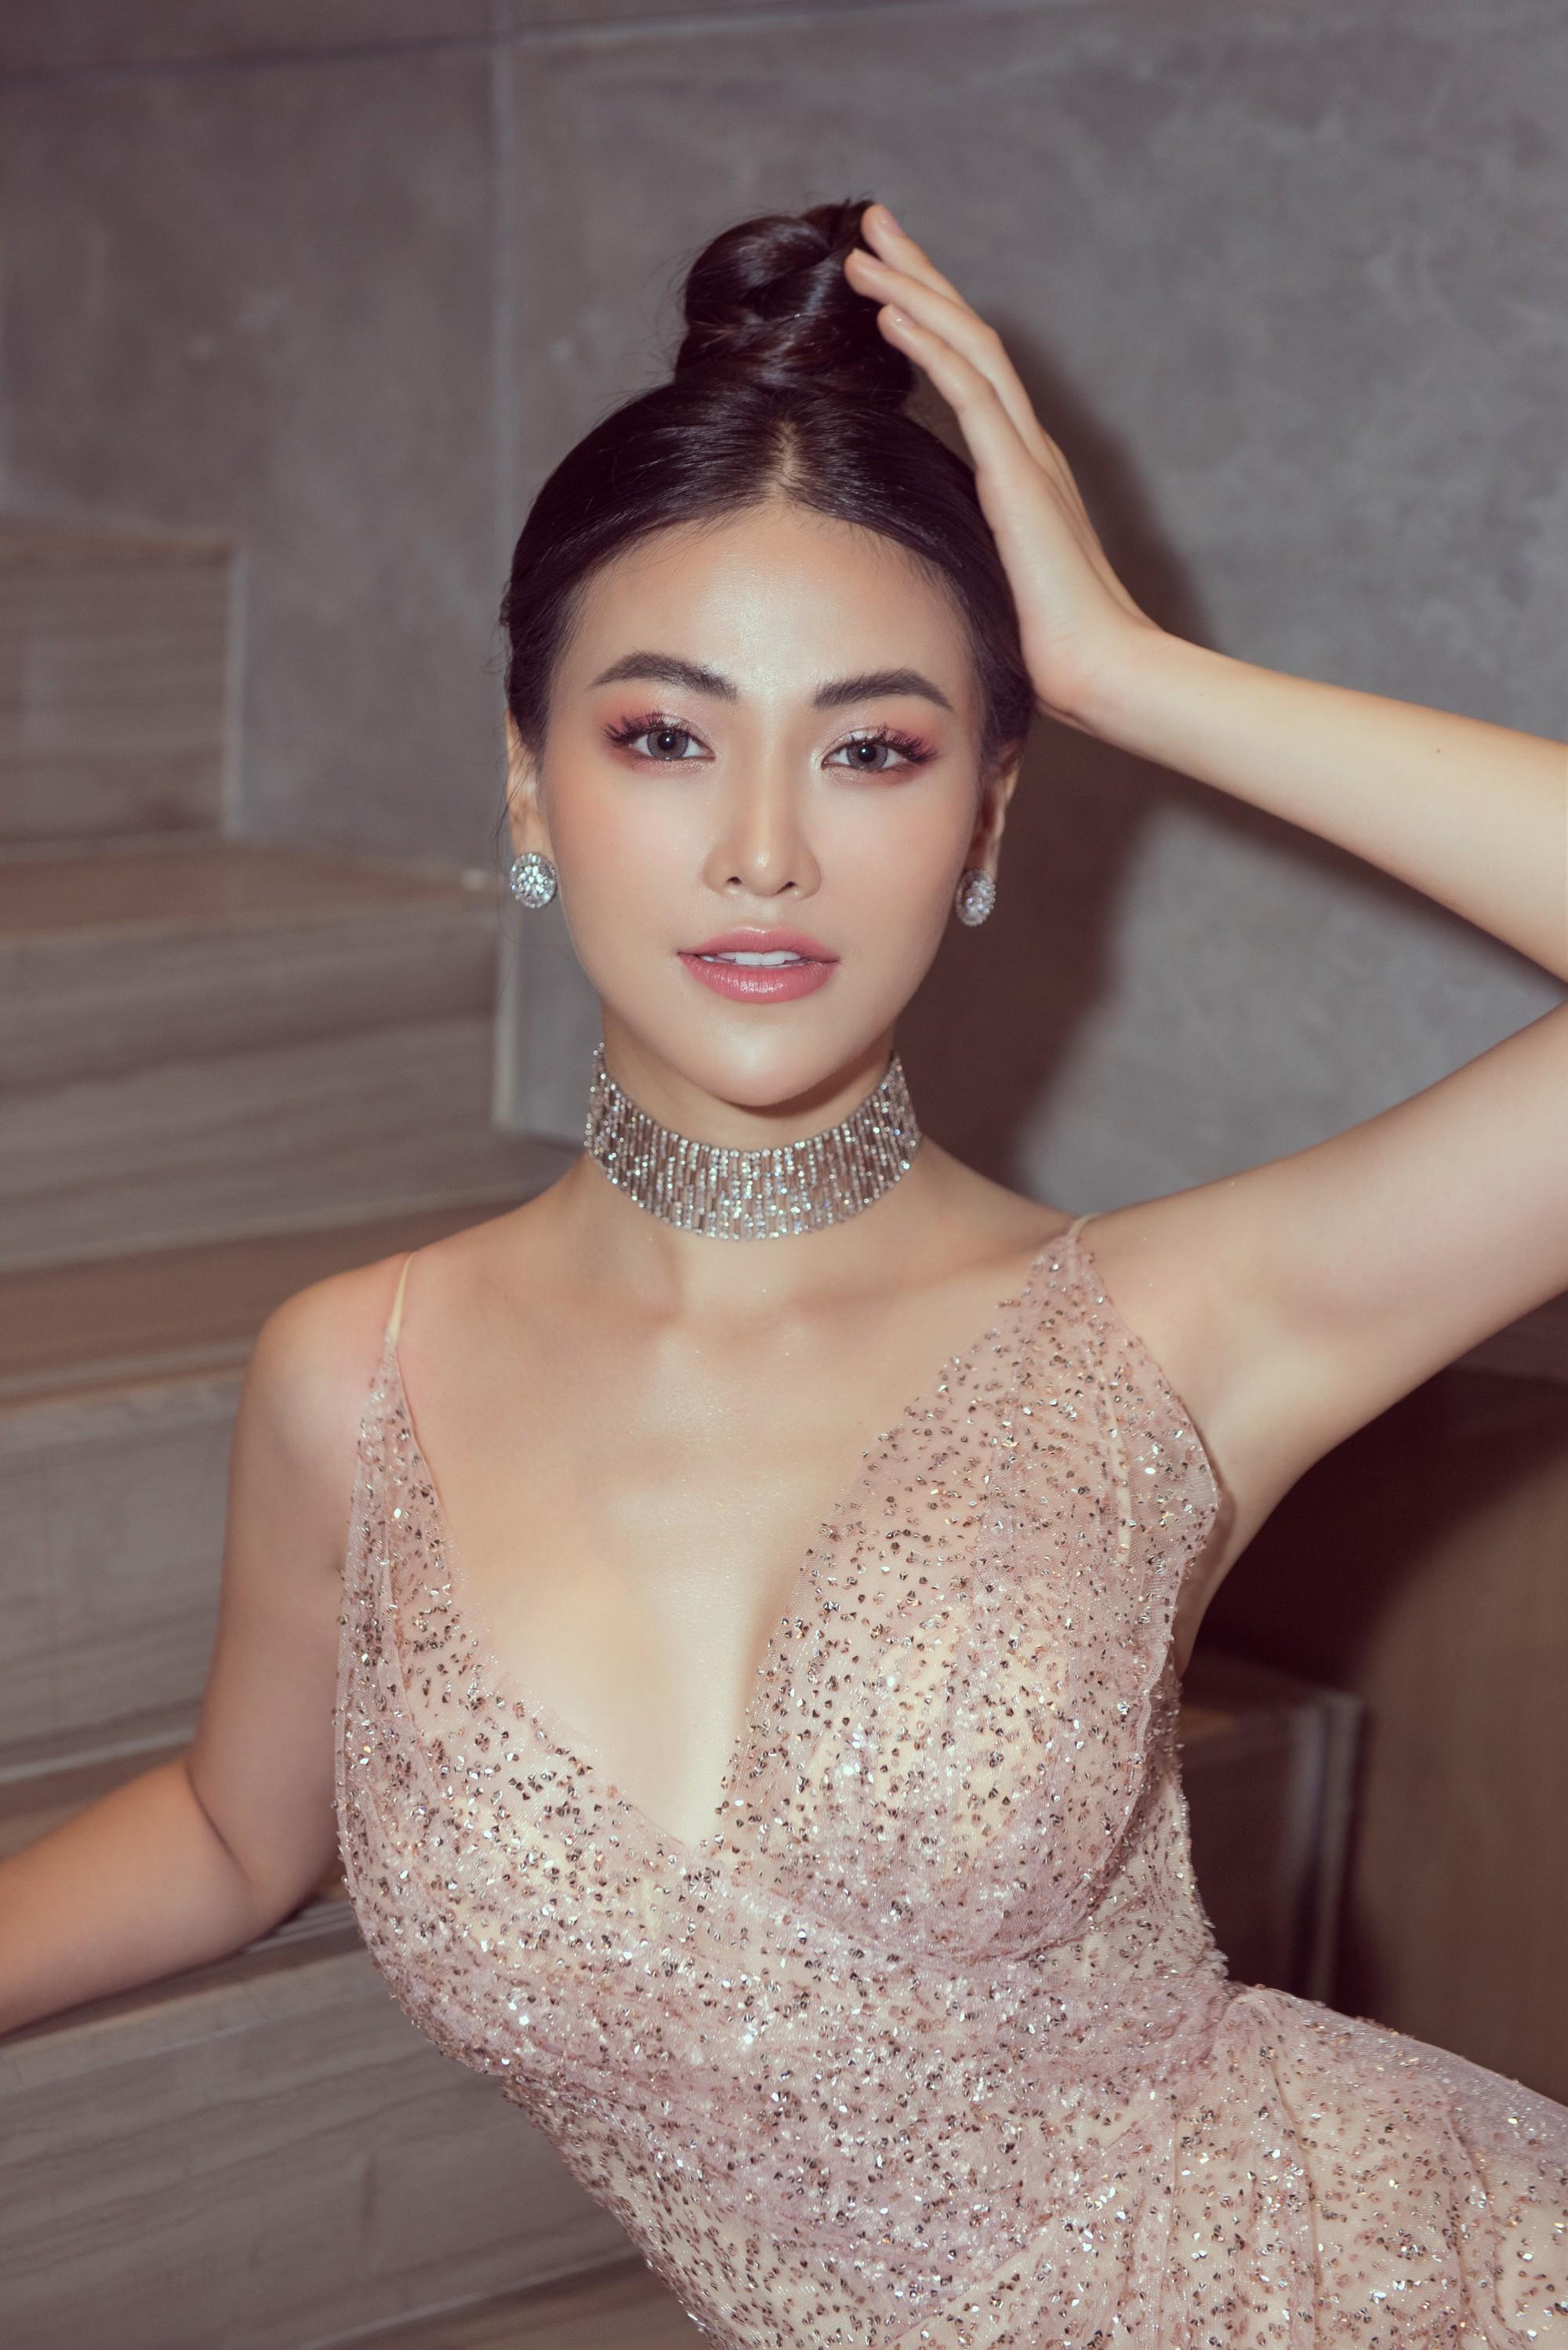 Hoa hậu và chuyện cánh tay to, bụng sồ sề khi chưa photoshop: Đâu phải nữ thần để đòi hỏi đẹp hoàn hảo 100%-2